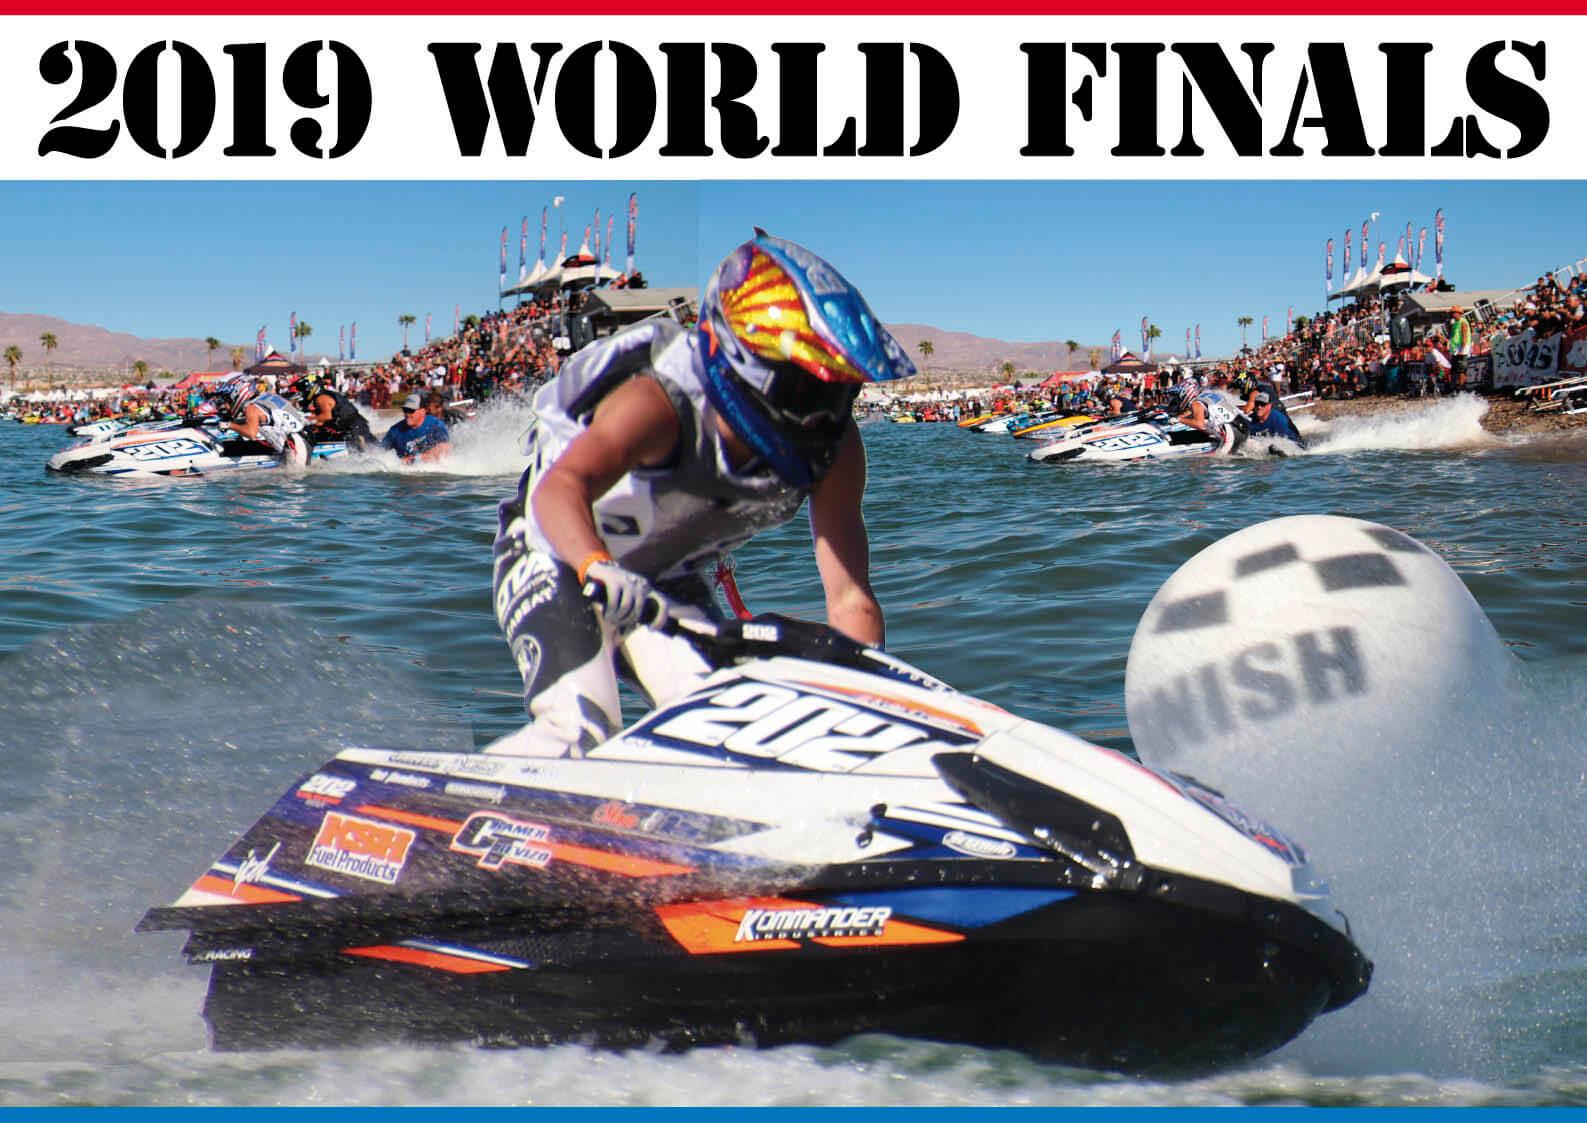 アリゾナの荒野で、世界最速の戦いが行われた 2019年 ワールドファイナル ジェットスキー(水上バイク)のメジャーレース